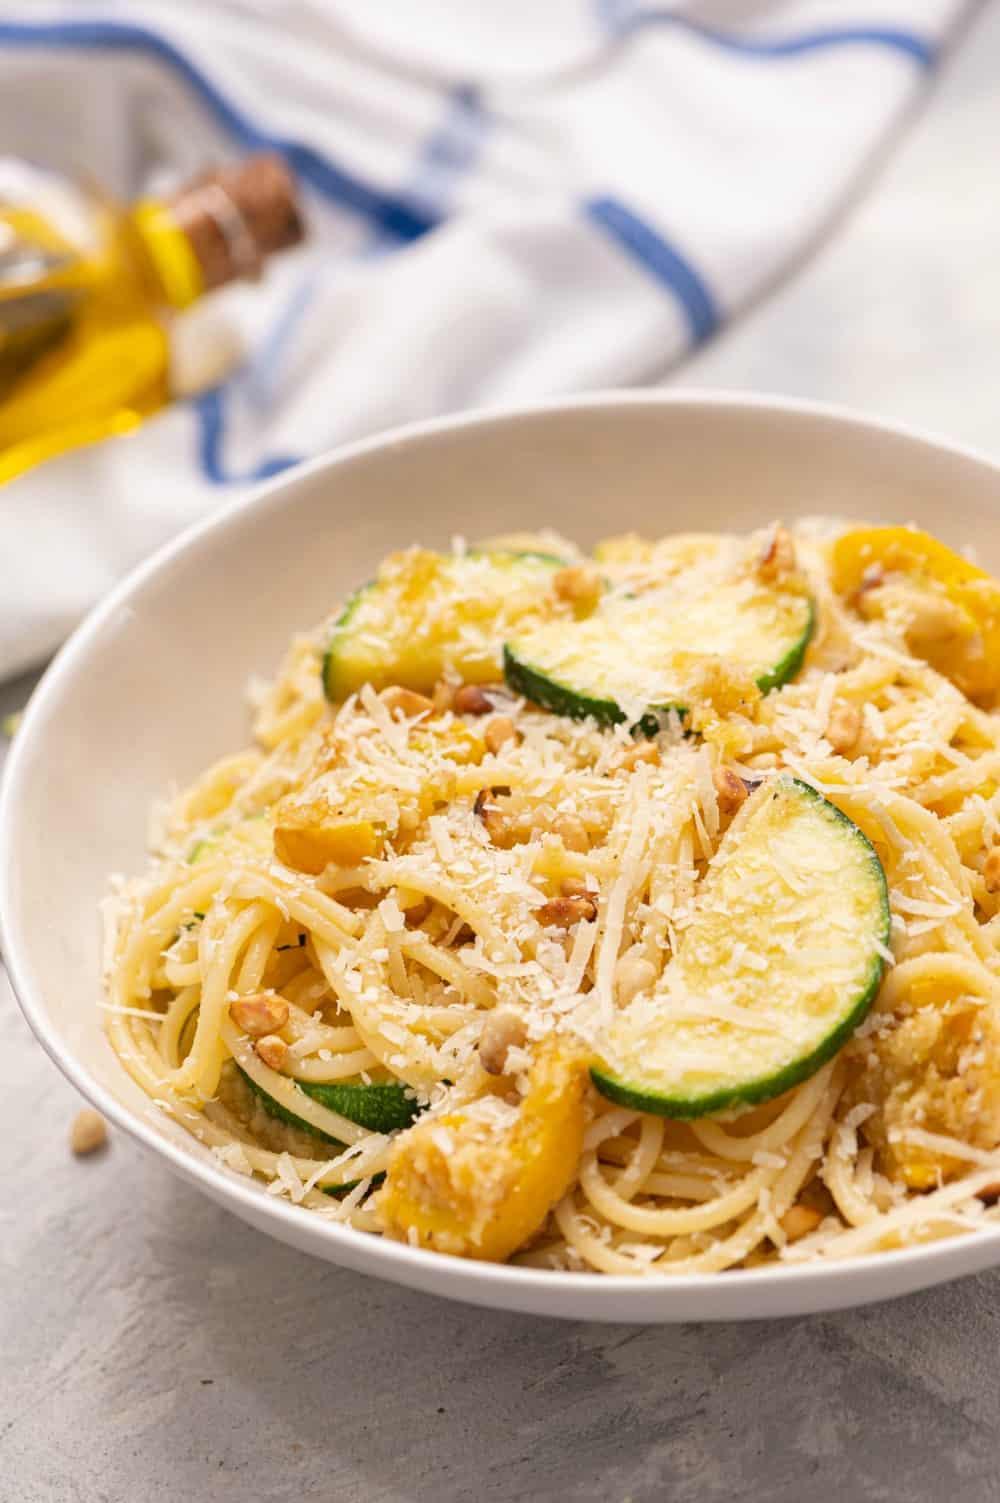 Summer squash lemon spaghetti in a white bowl.